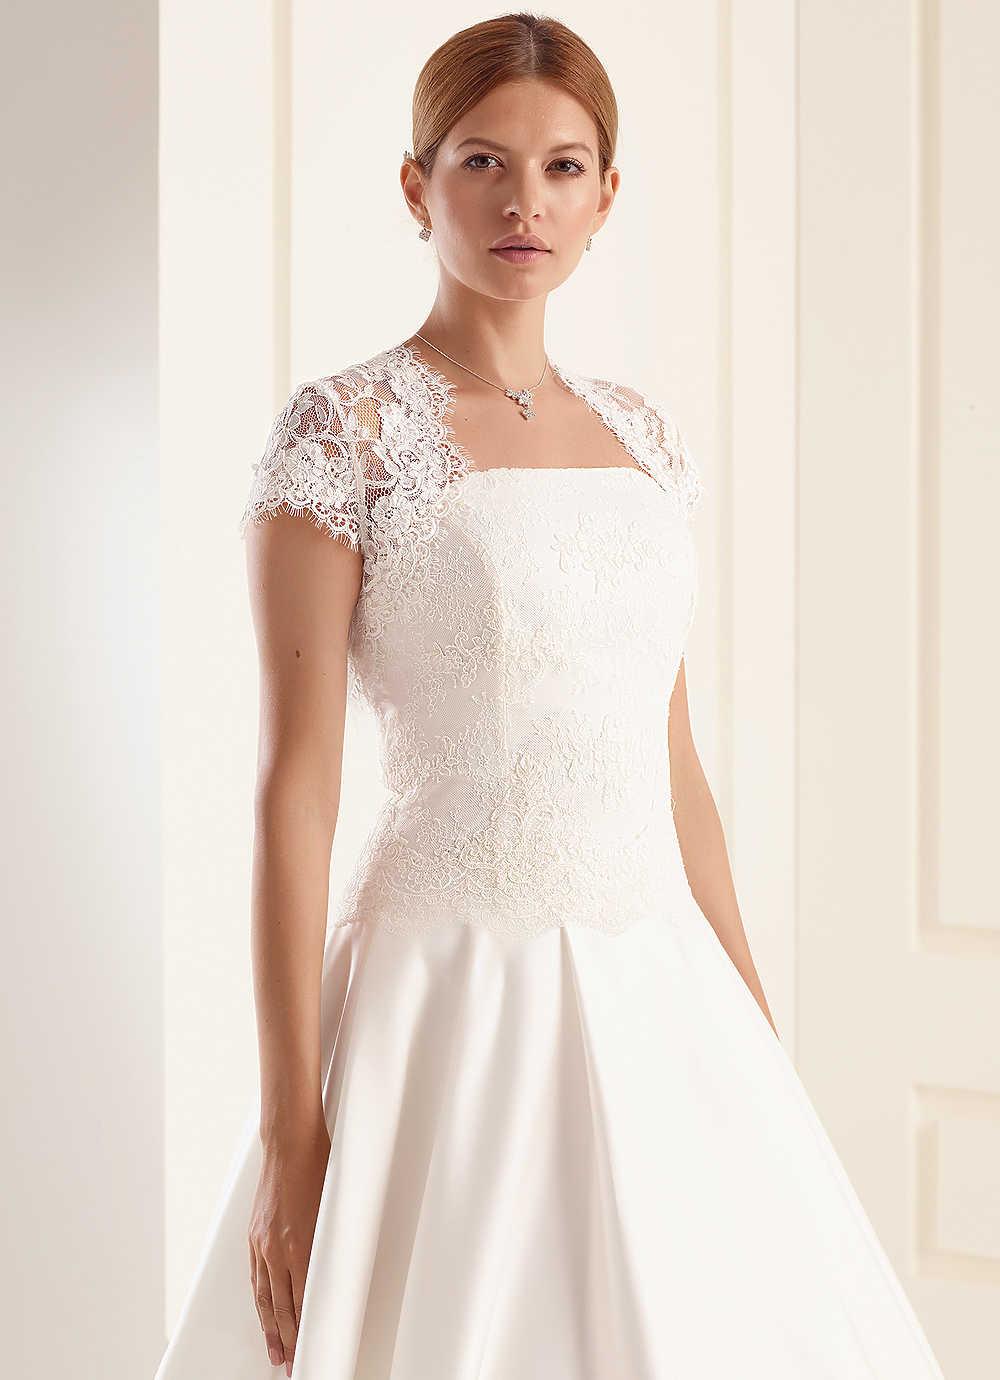 e36092252f Csipke boleró (163) :: Vicora esküvői ruhaszalon